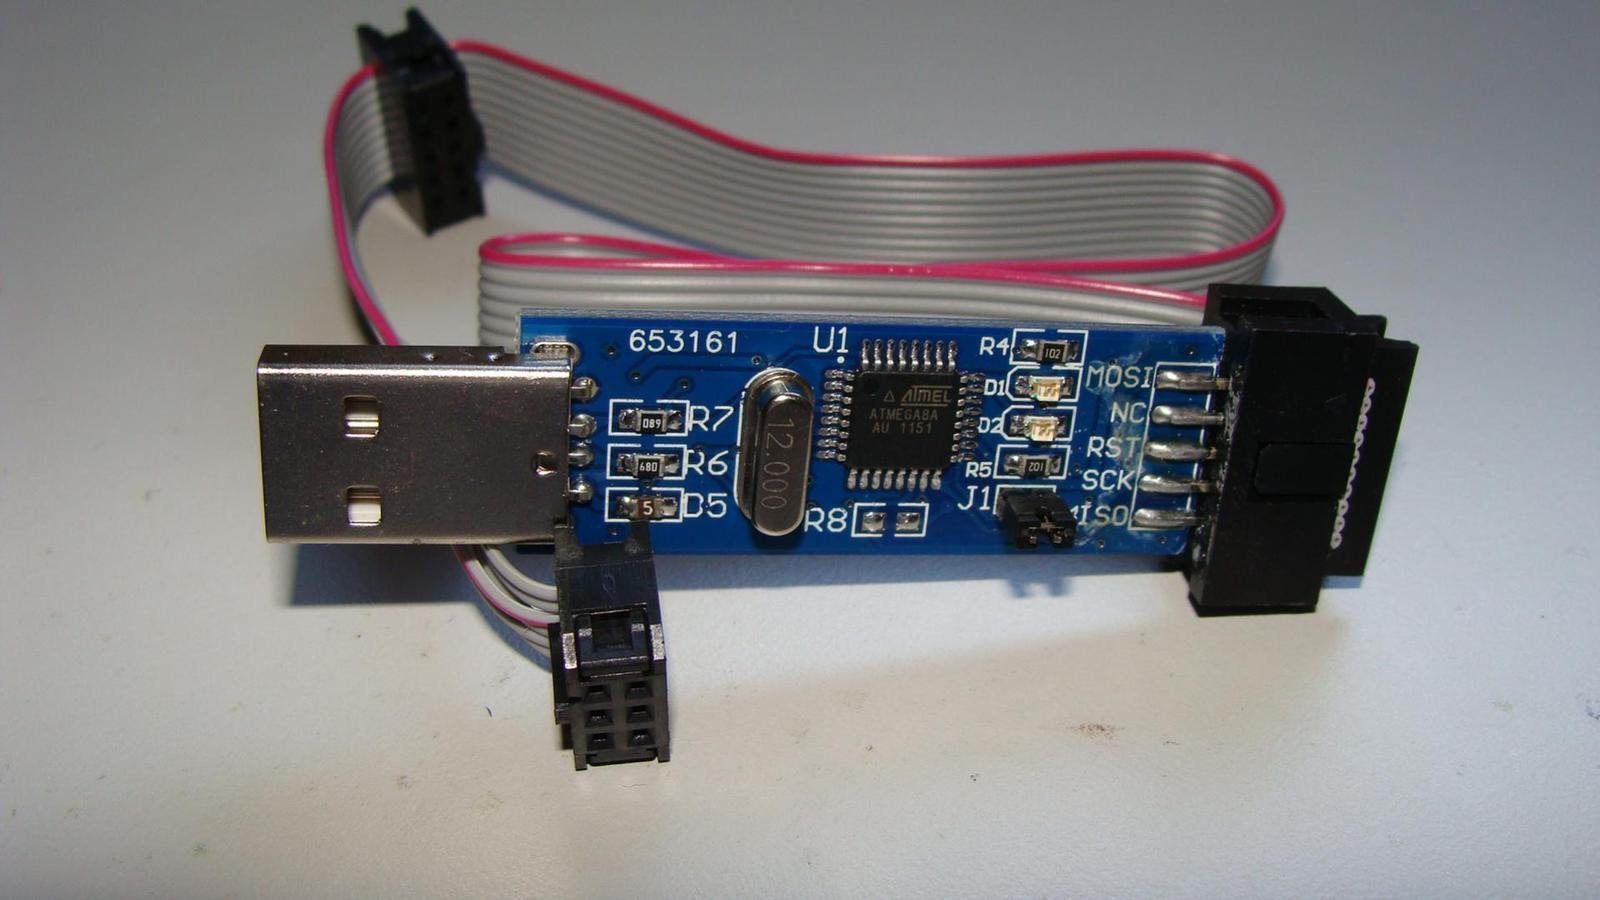 Toàn tập USB Flash! Từ cấu tạo đến xử lý lỗi và cách nạp Firmware A5187069-209-USB1